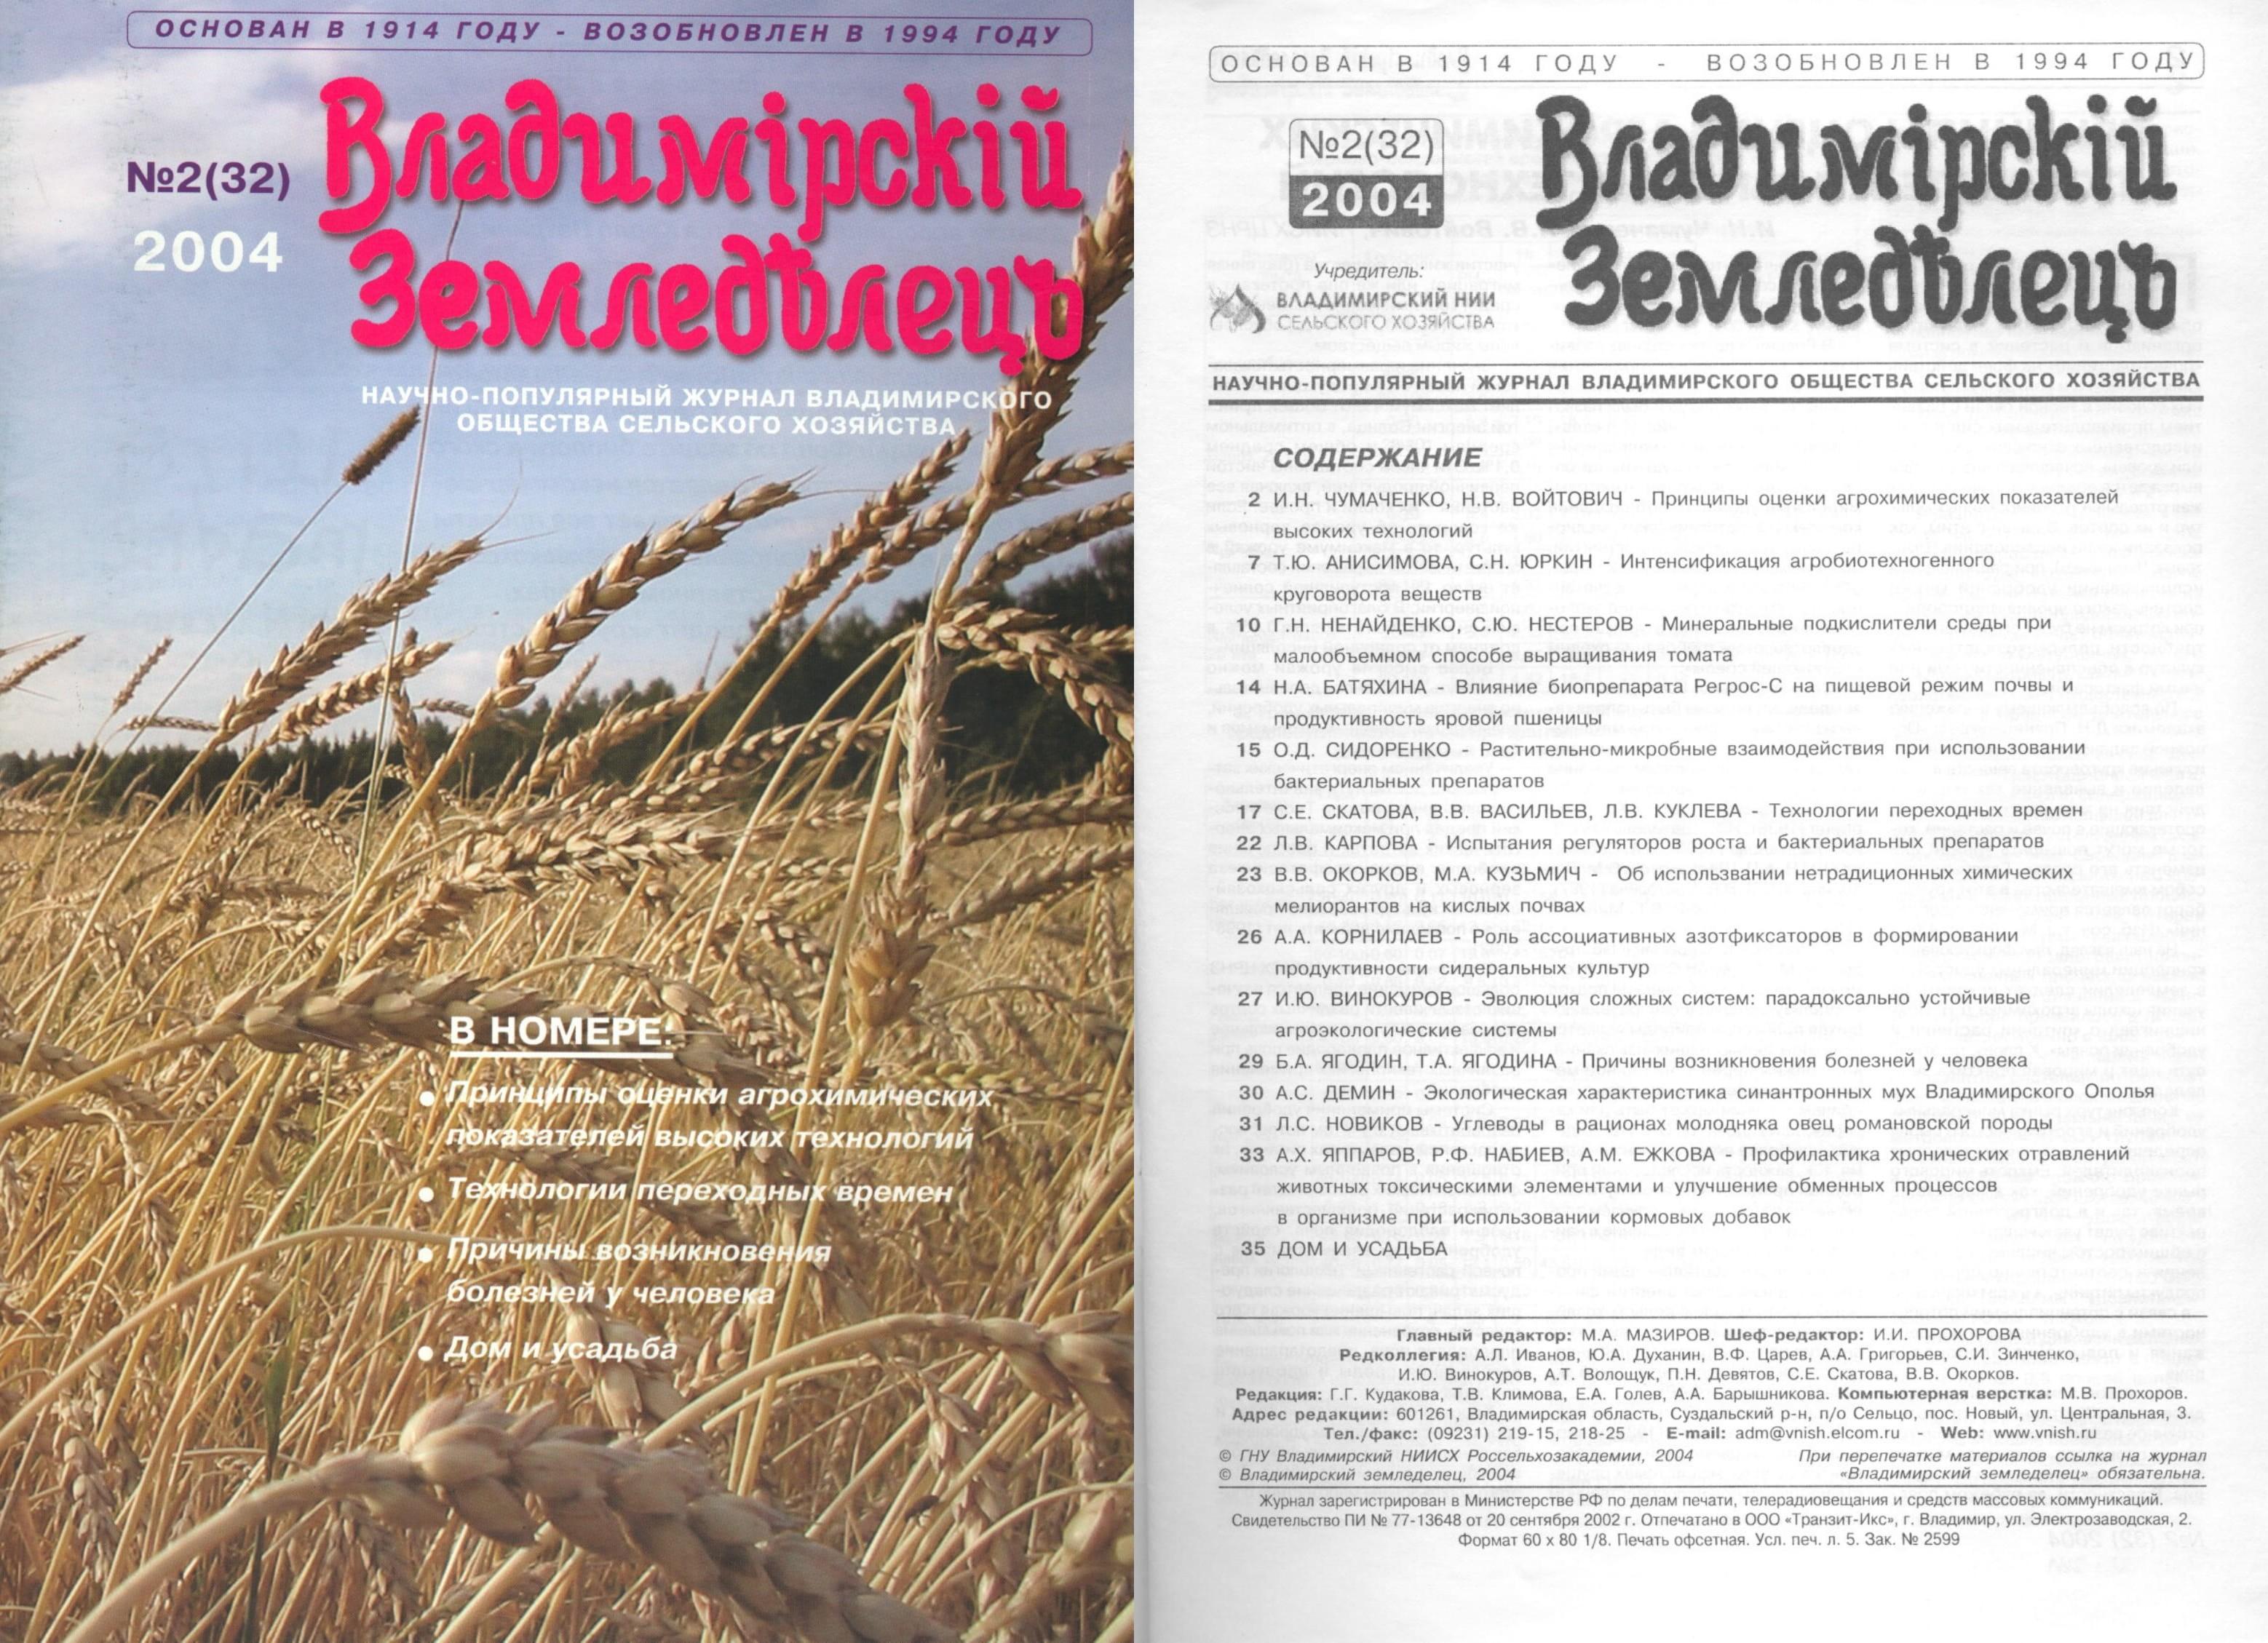 Владимирский земледелец 2(32) 2004